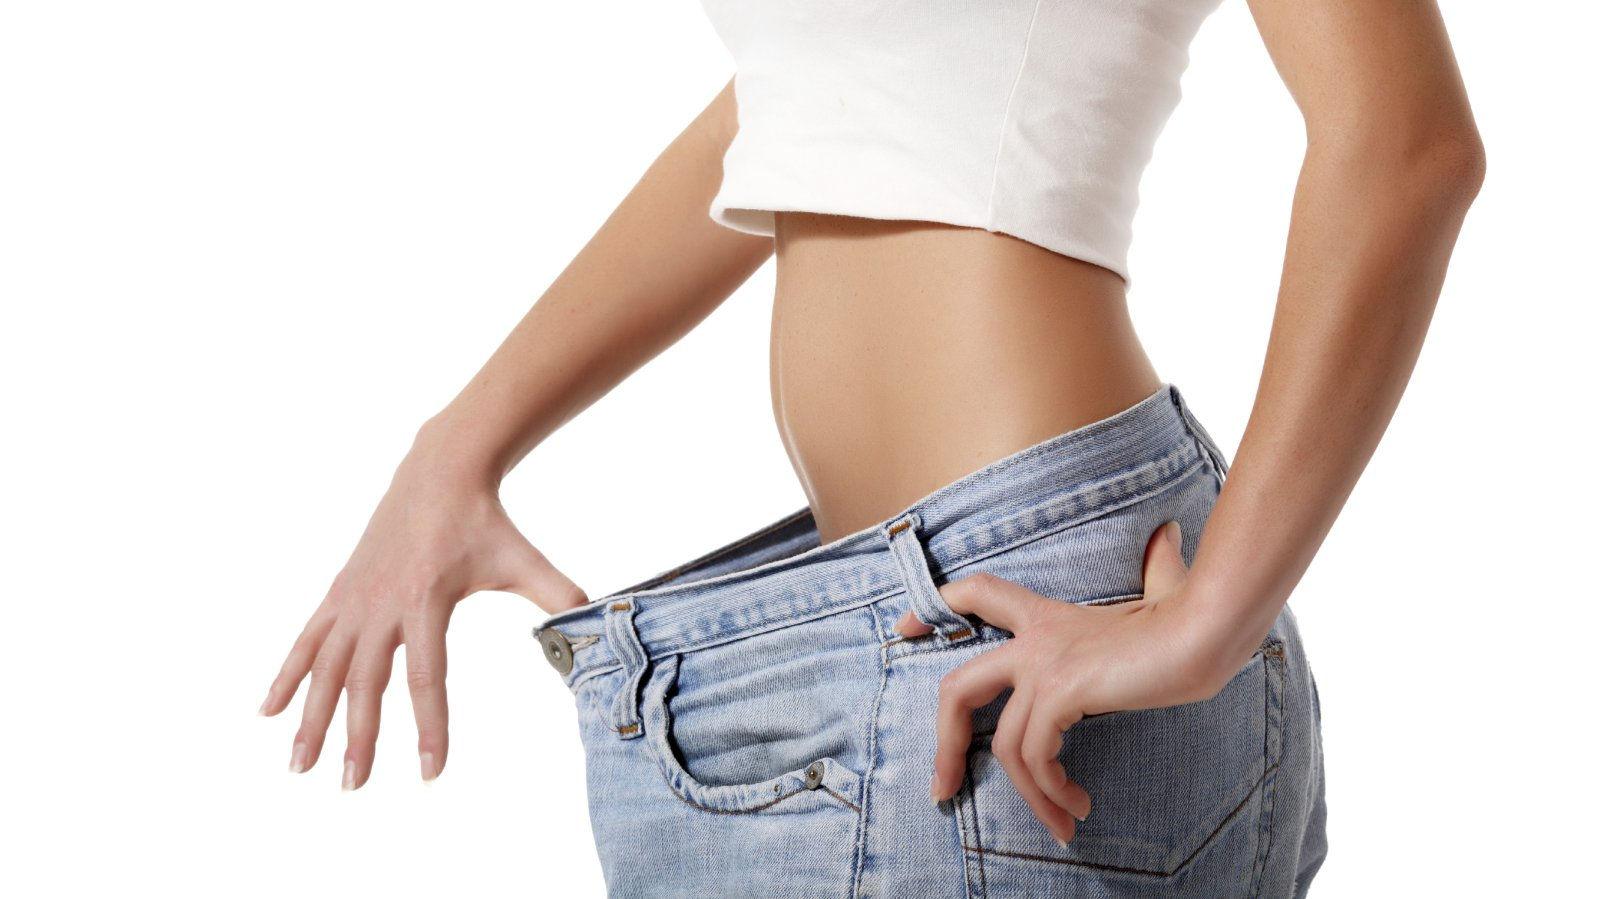 Похудение как метод борьбы